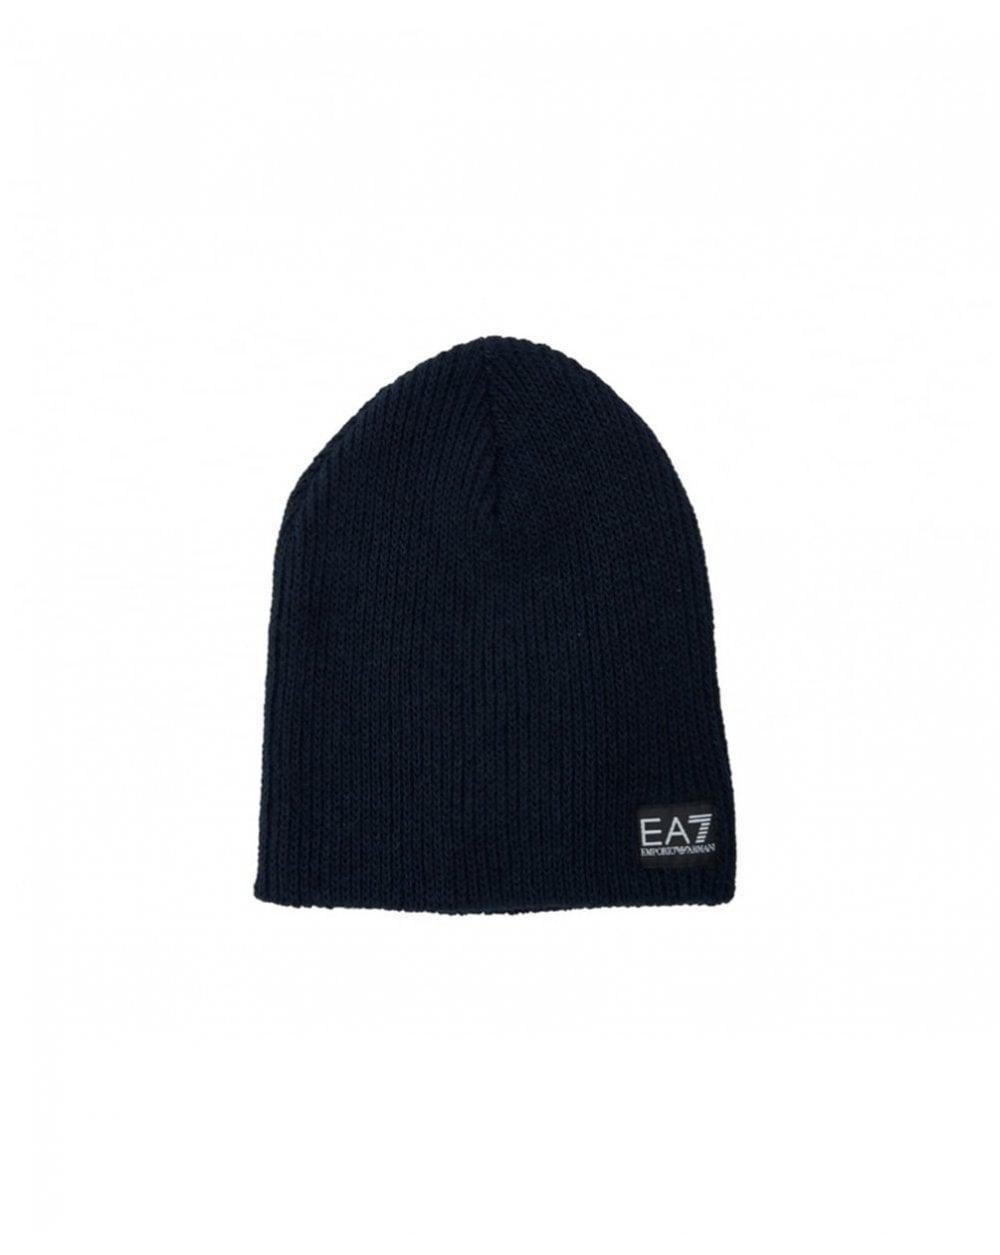 3e87e7aa749 Ea7 Train Lux Beanie Hat in Blue for Men - Lyst